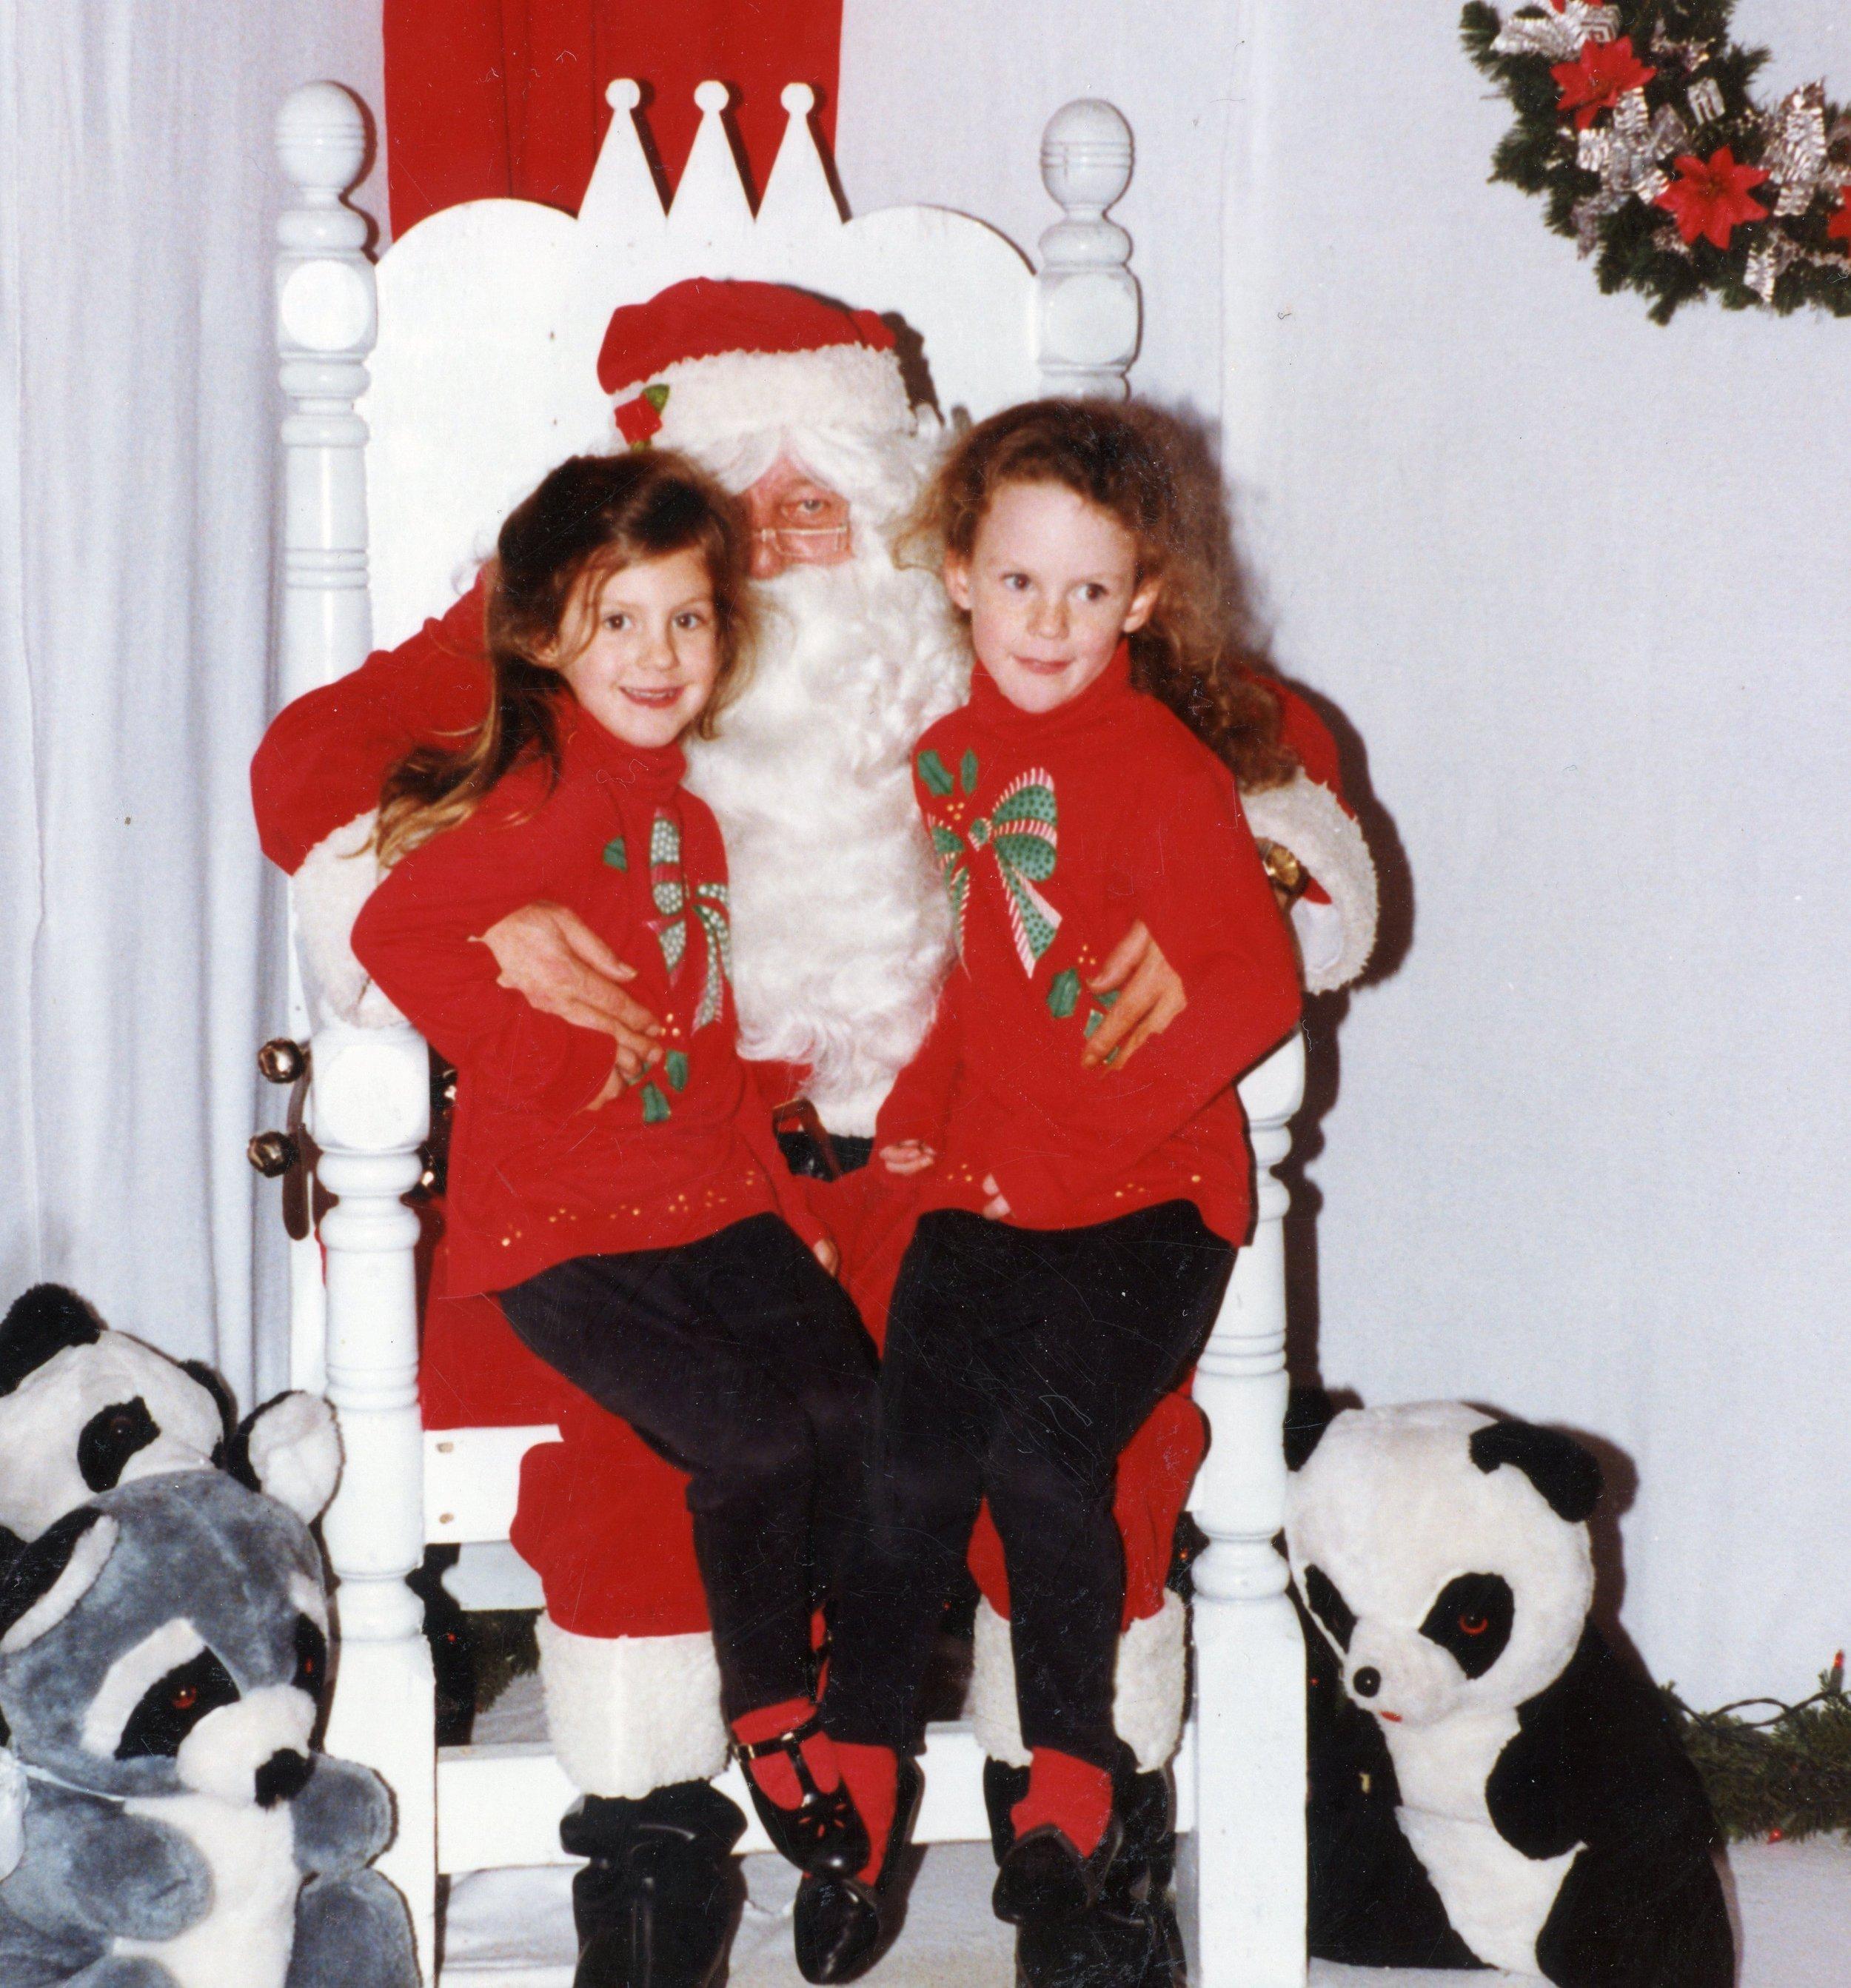 90s Christmas Fashions